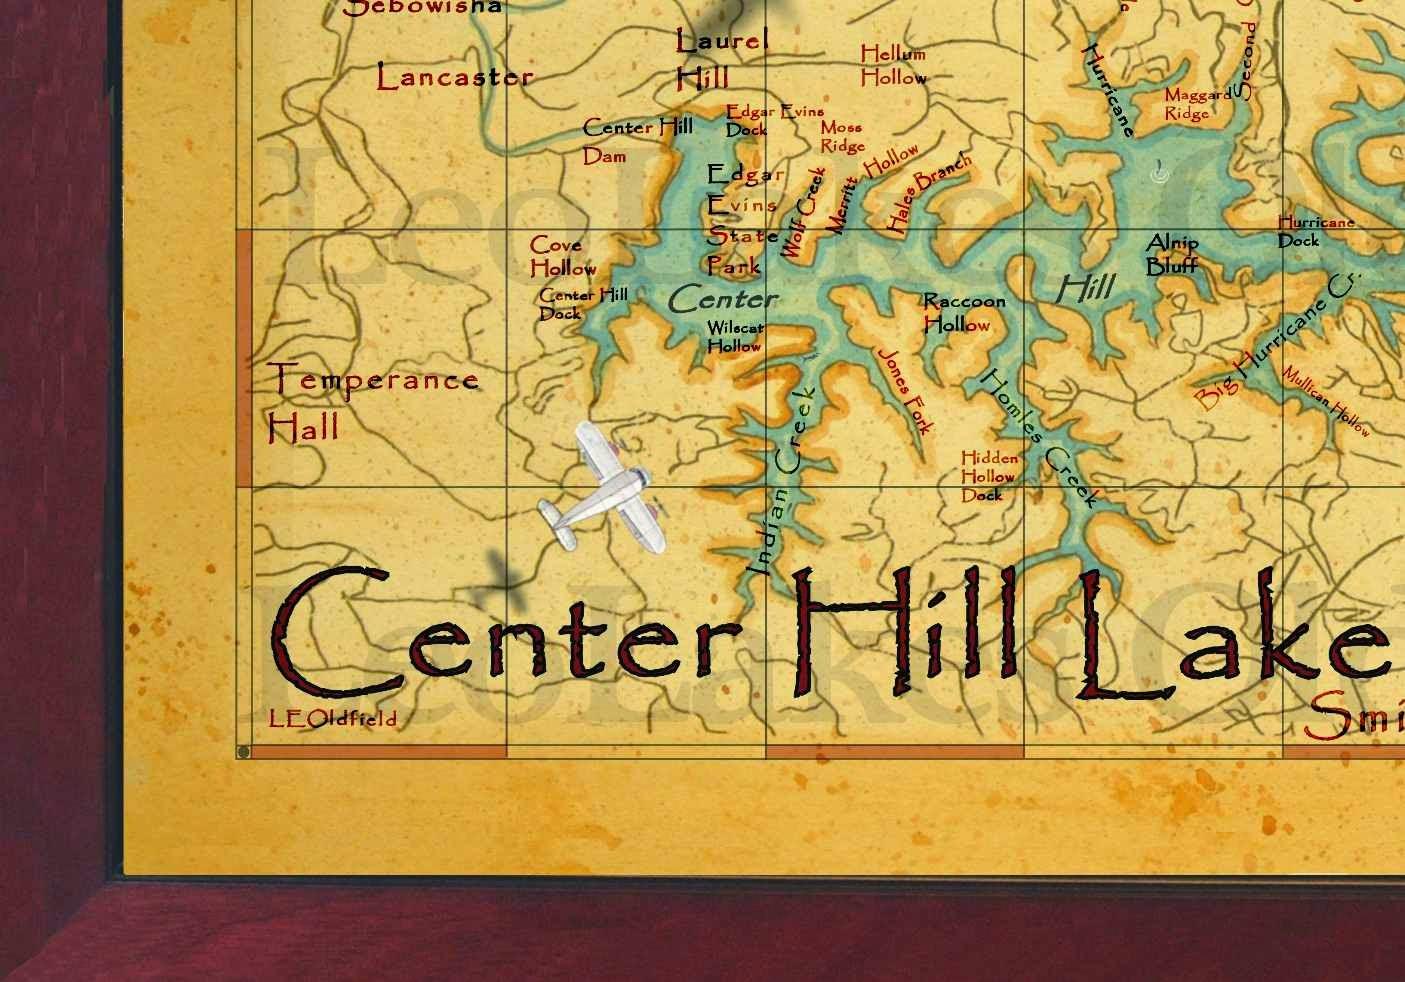 Center Hill Lake Map BaitRageous: Center Hill Lake Map Center Hill Lake Map